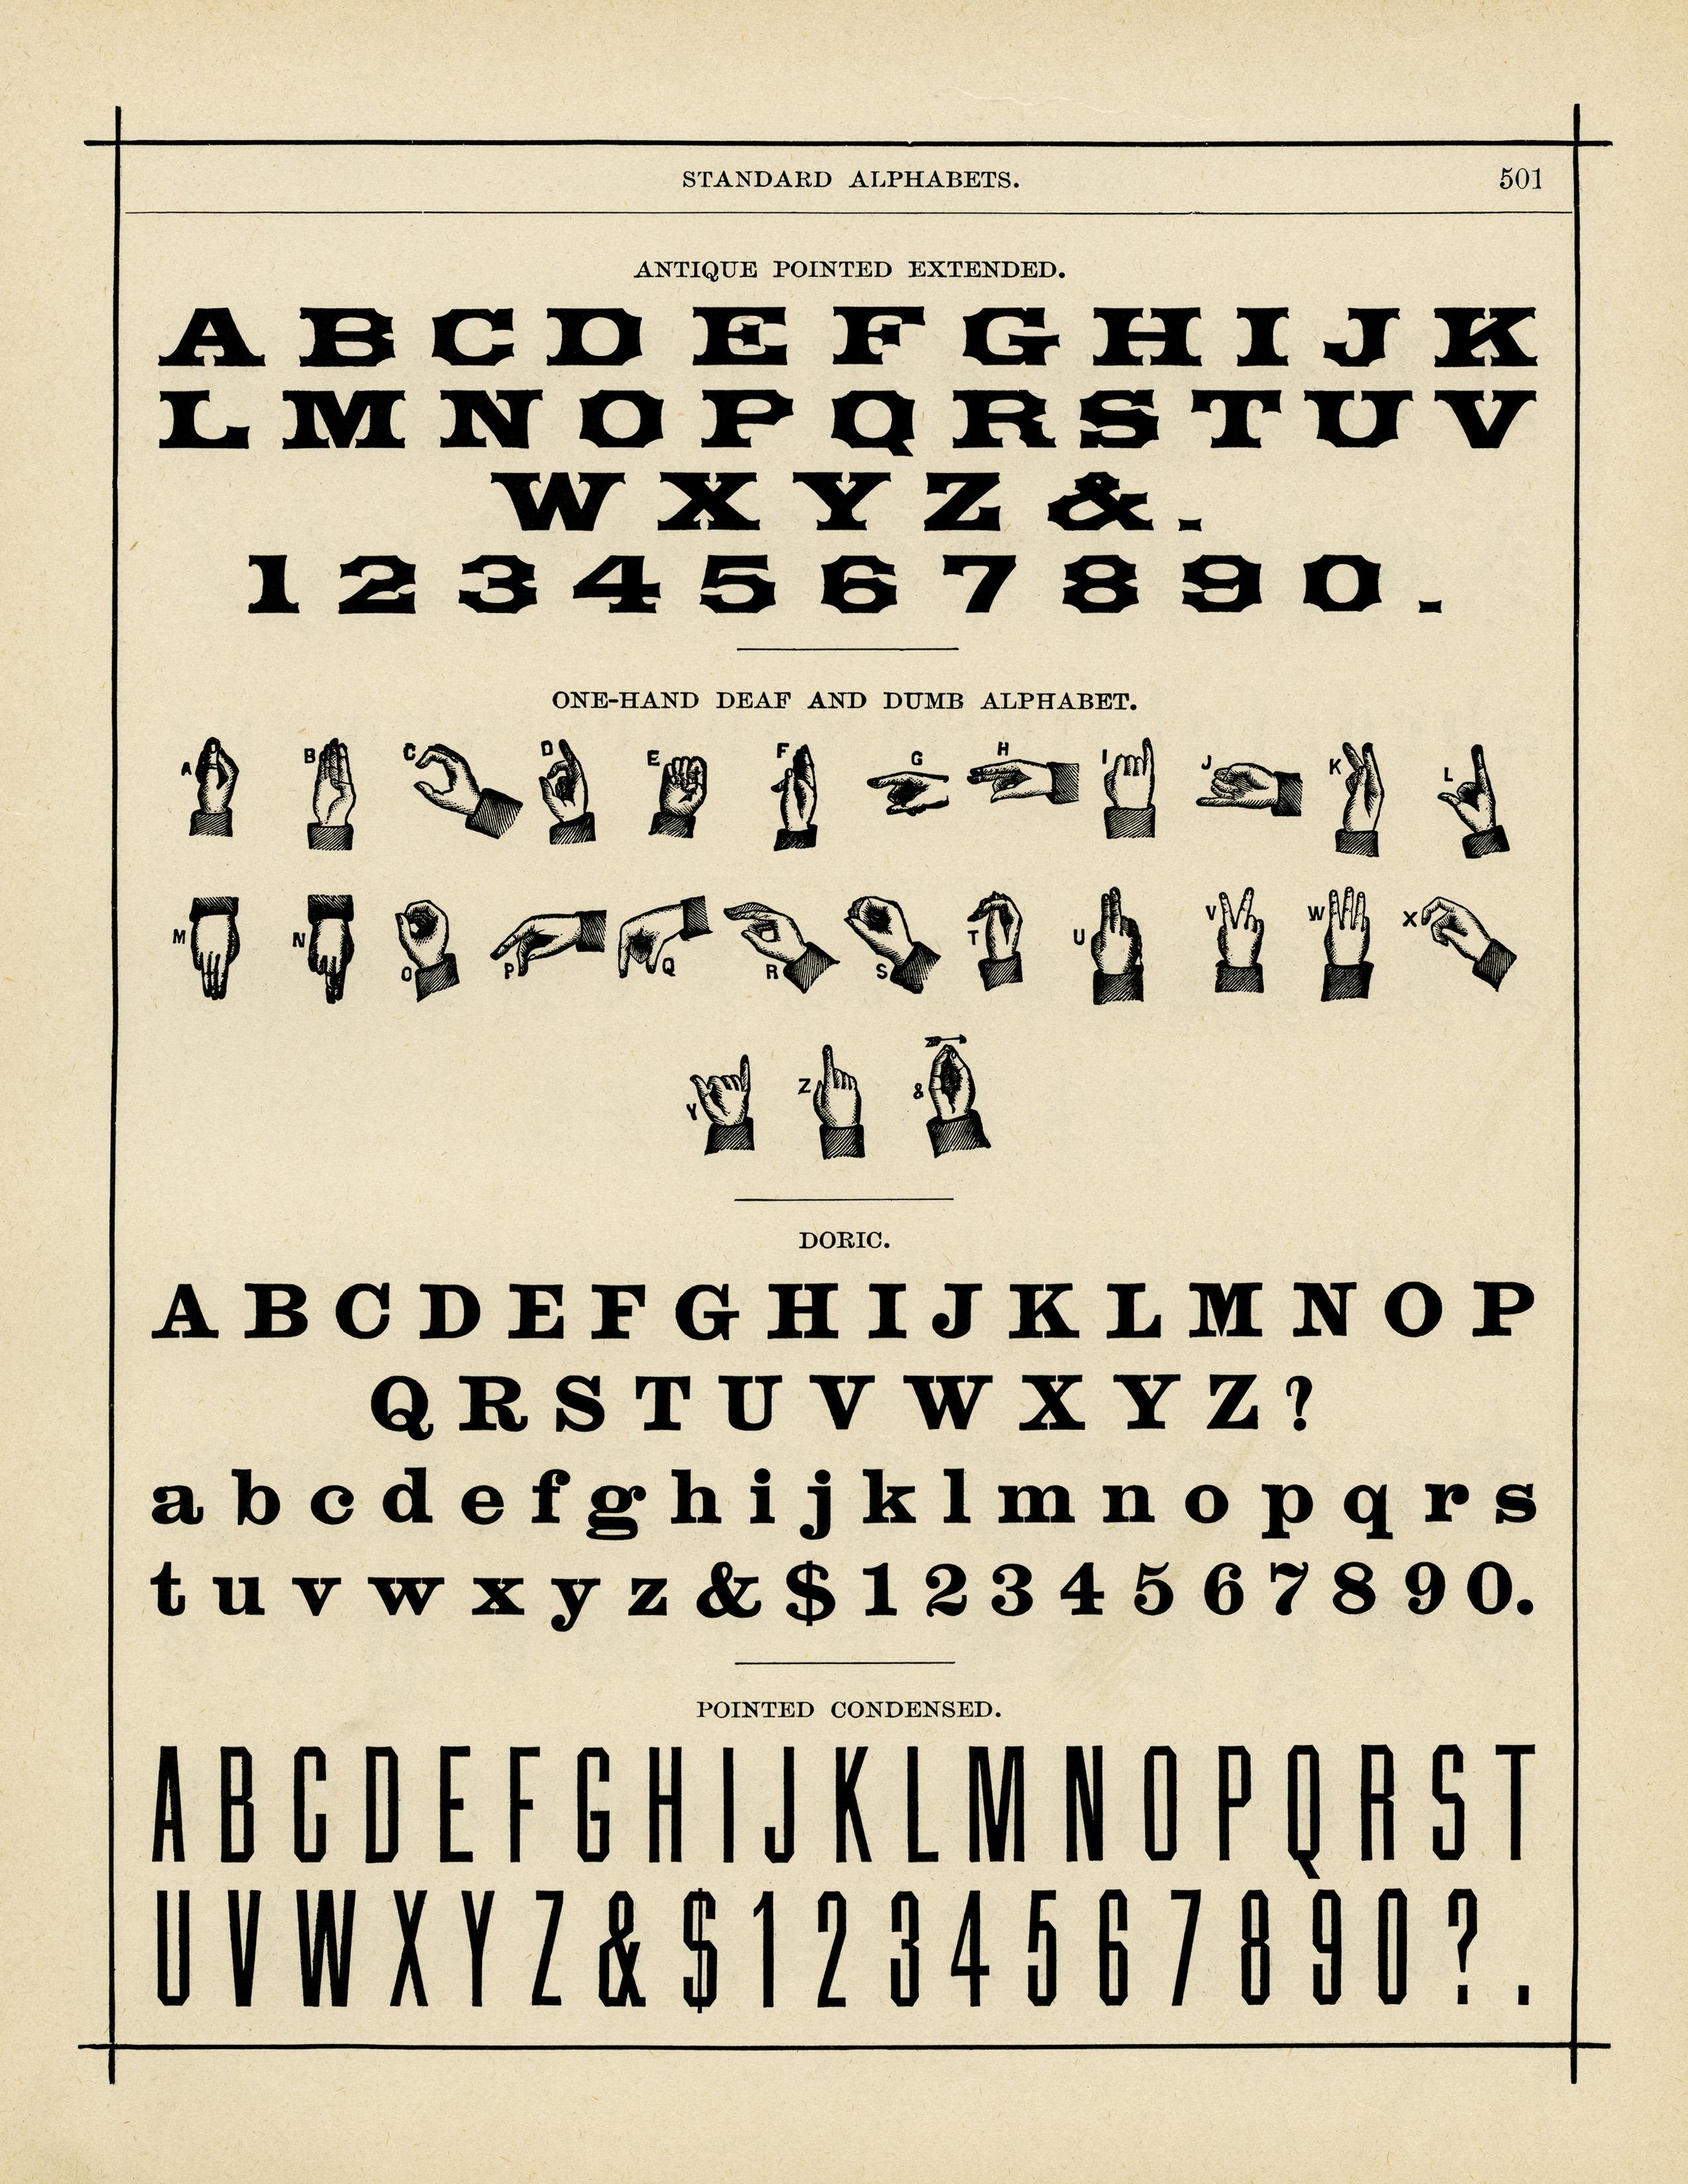 Винтажное изображение латинских алфавитов и латинский (английский) алфавит на языке жестов